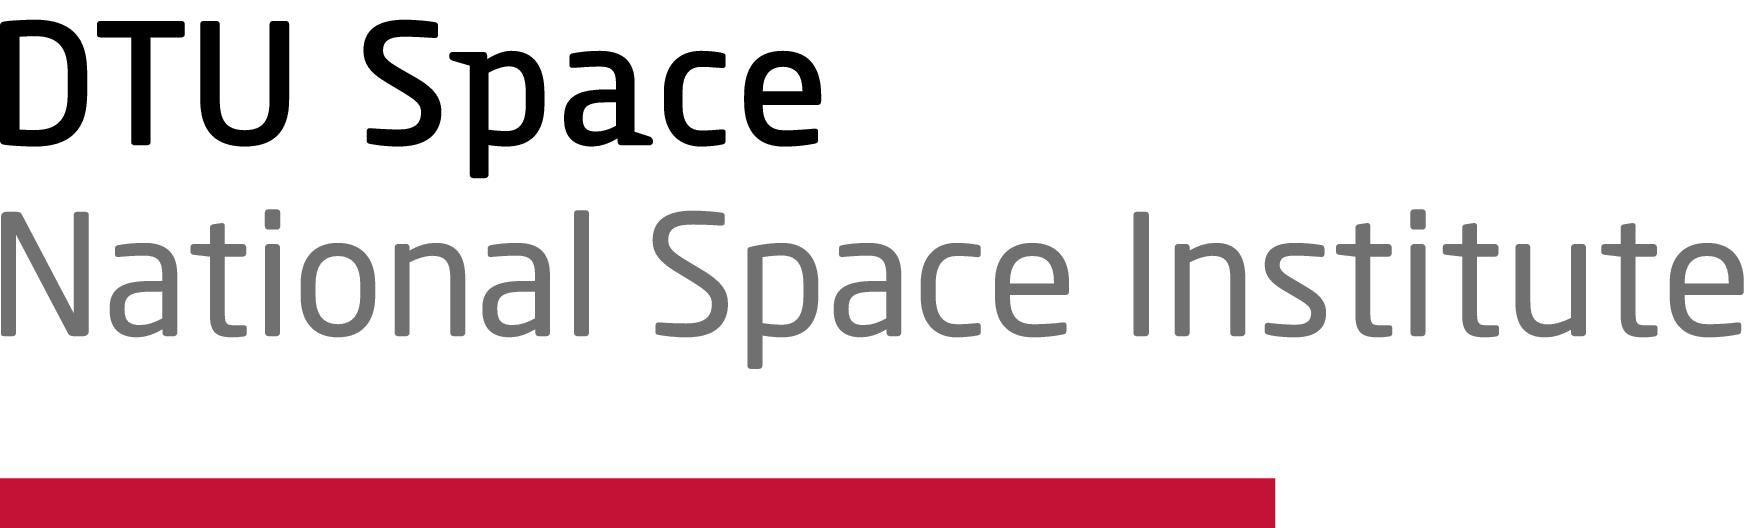 DTU-Space-logo-A